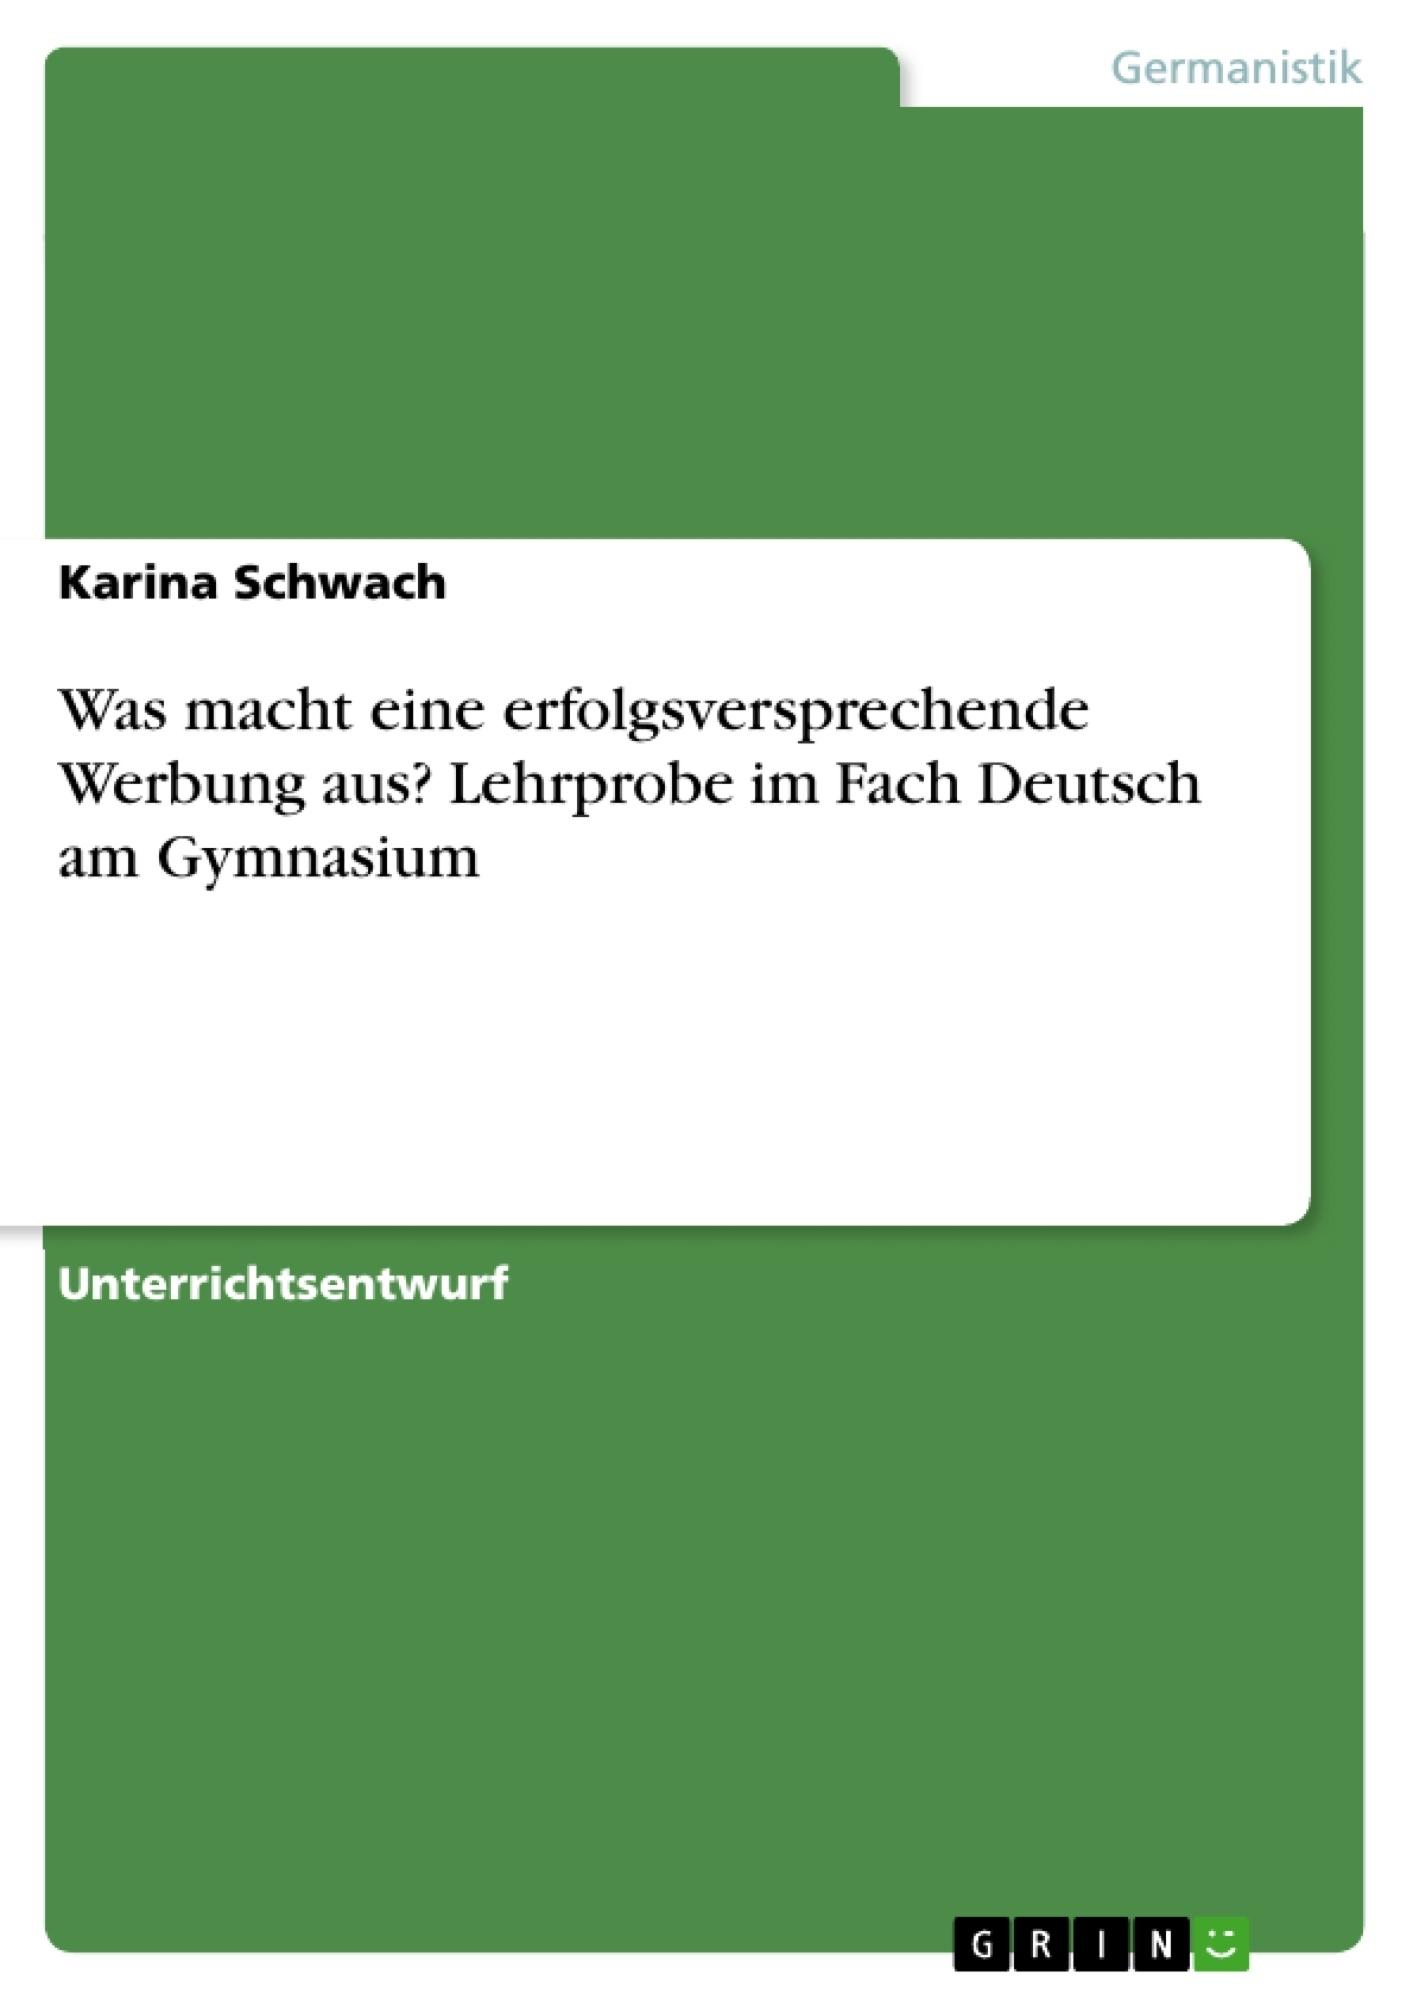 Titel: Was macht eine erfolgsversprechende Werbung aus? Lehrprobe im Fach Deutsch am Gymnasium